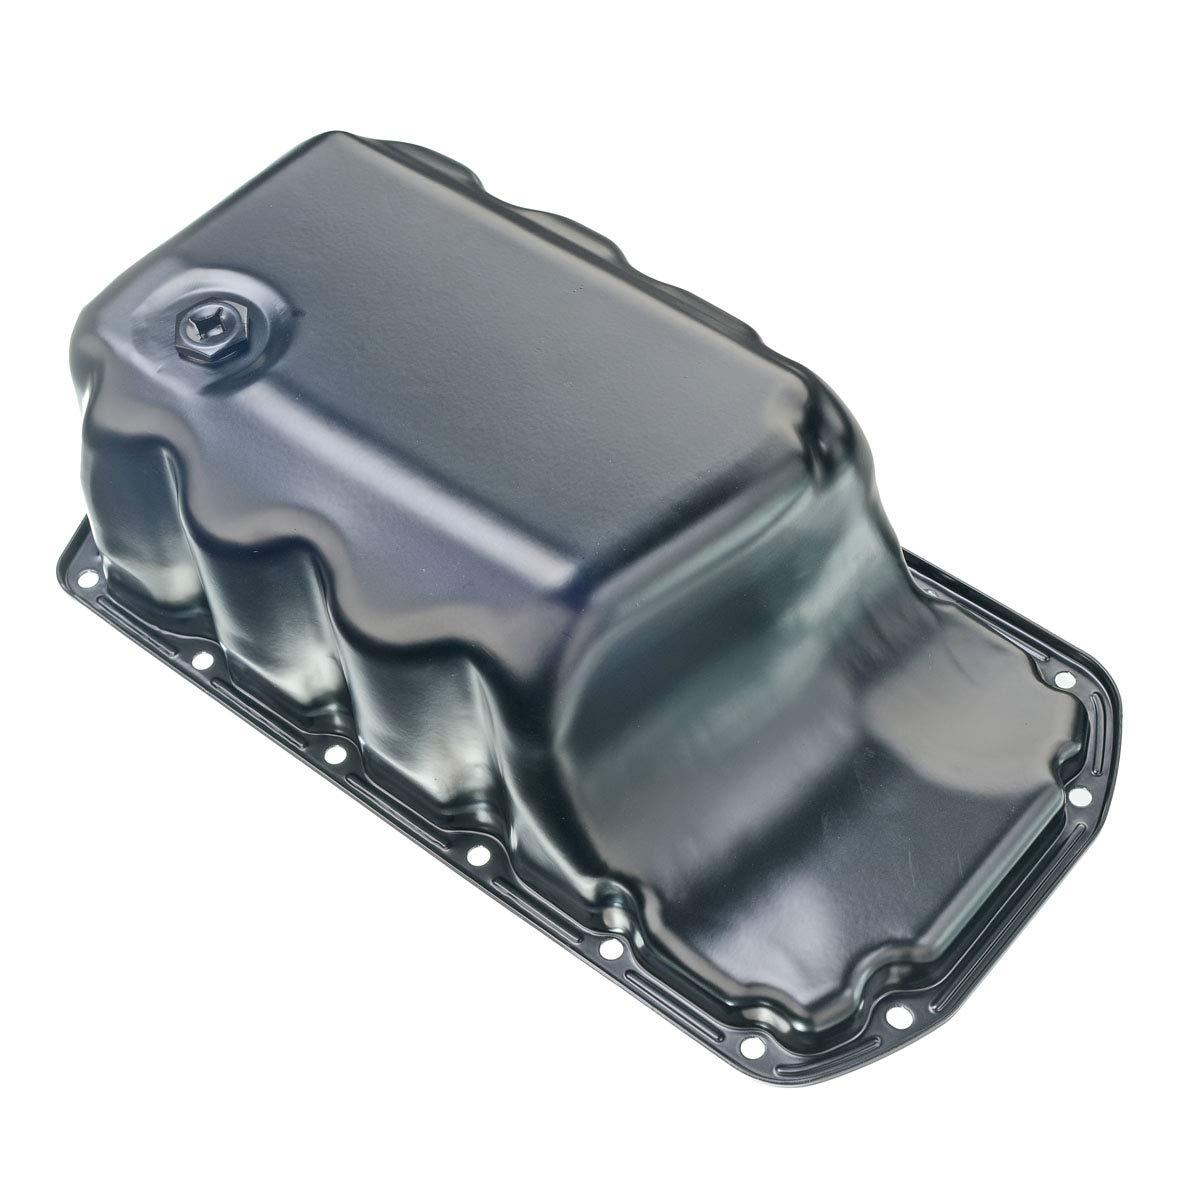 A-Premium Engine Oil Pan for Mini Cooper R57 R58 R56 R55 Series Cooper Countryman R60 Series Cooper Paceman R61 Series